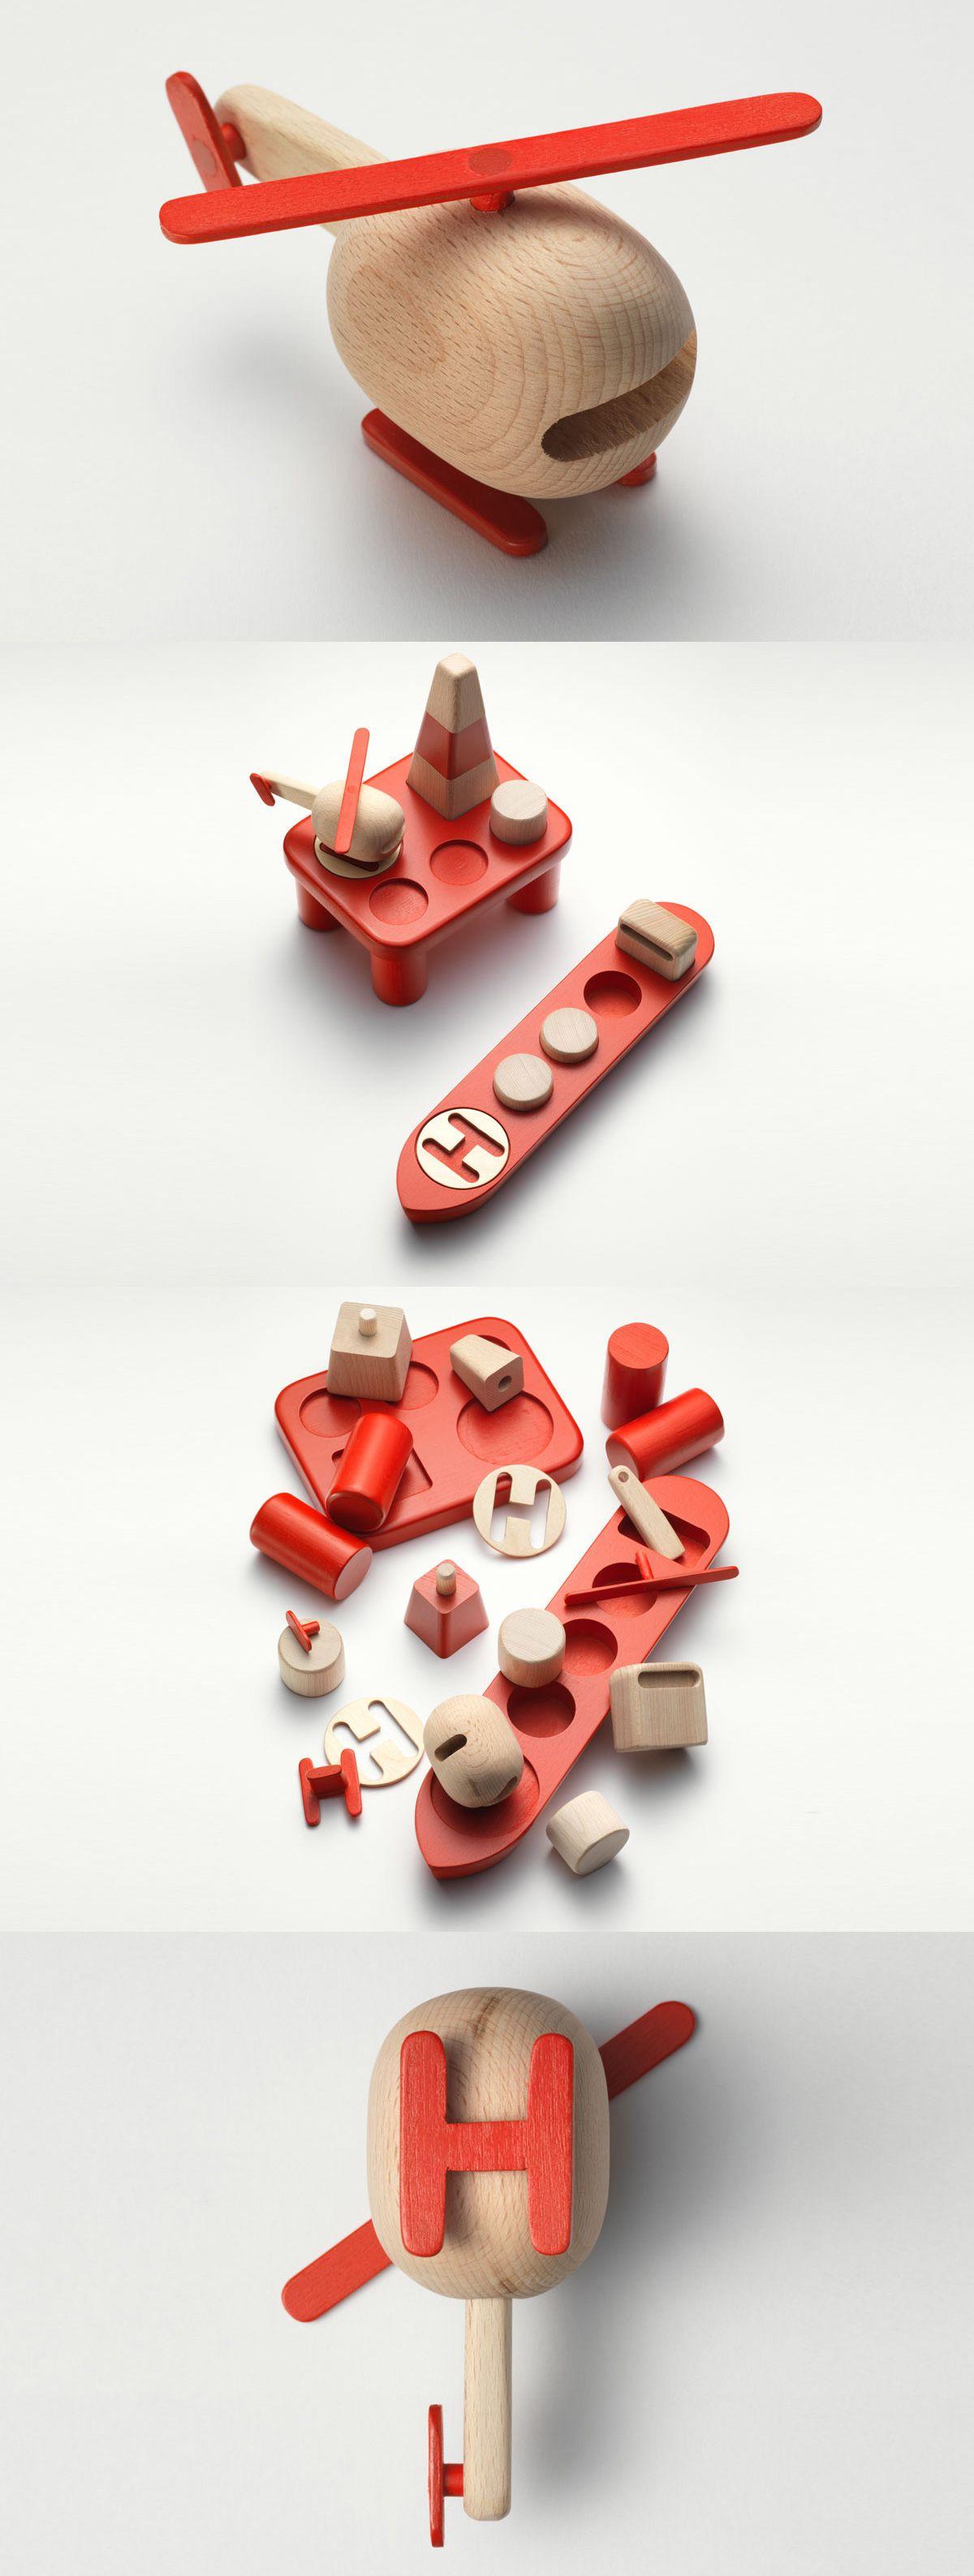 schicker hubschrauber aus holz holzspielzeug f r kinder holzspielzeug mit stil spielzeug. Black Bedroom Furniture Sets. Home Design Ideas